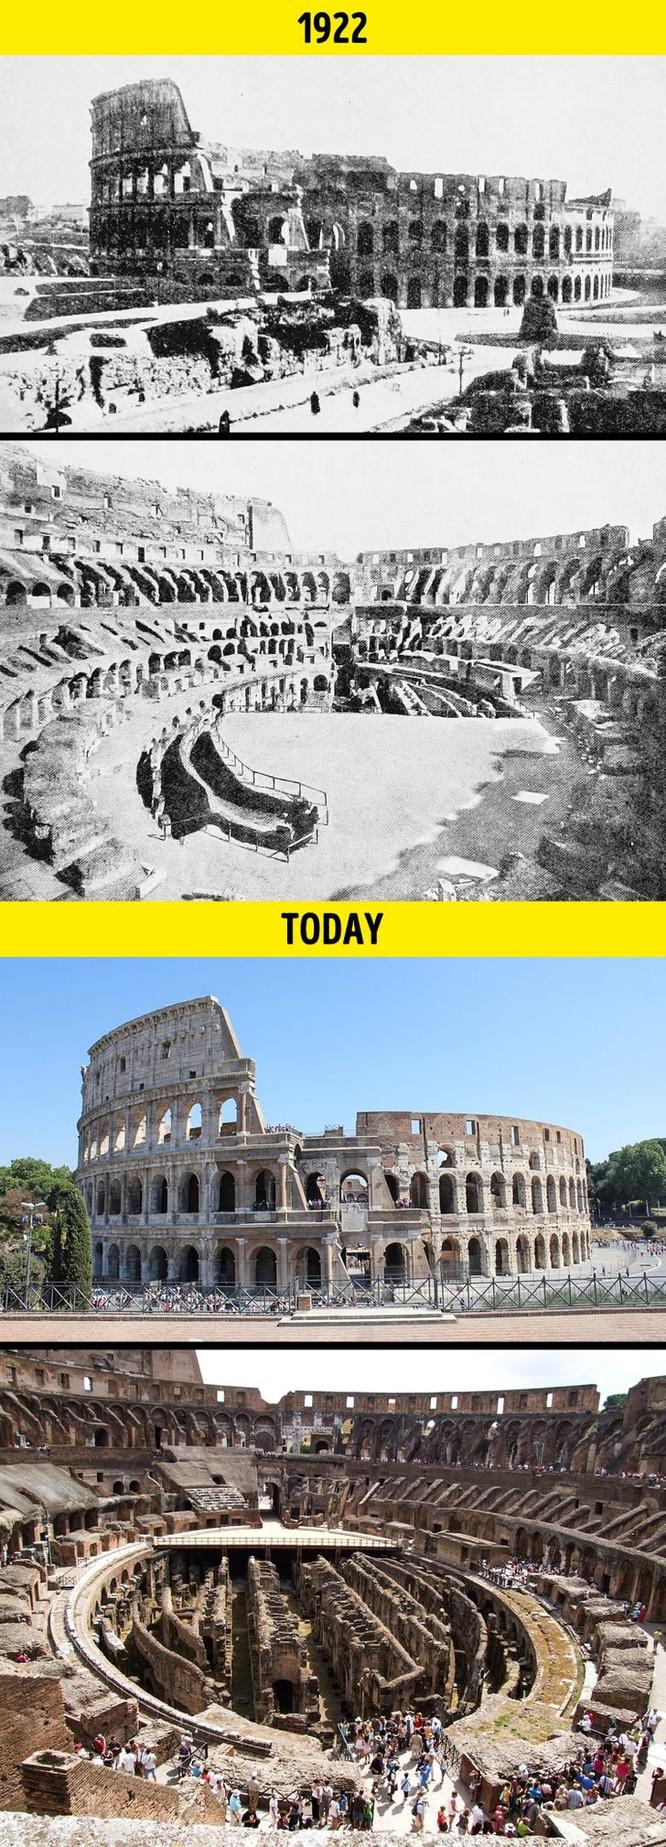 Phát sốt vì 20 bức ảnh chứng minh sự chuyển mình của thế giới 100 năm qua ảnh 4